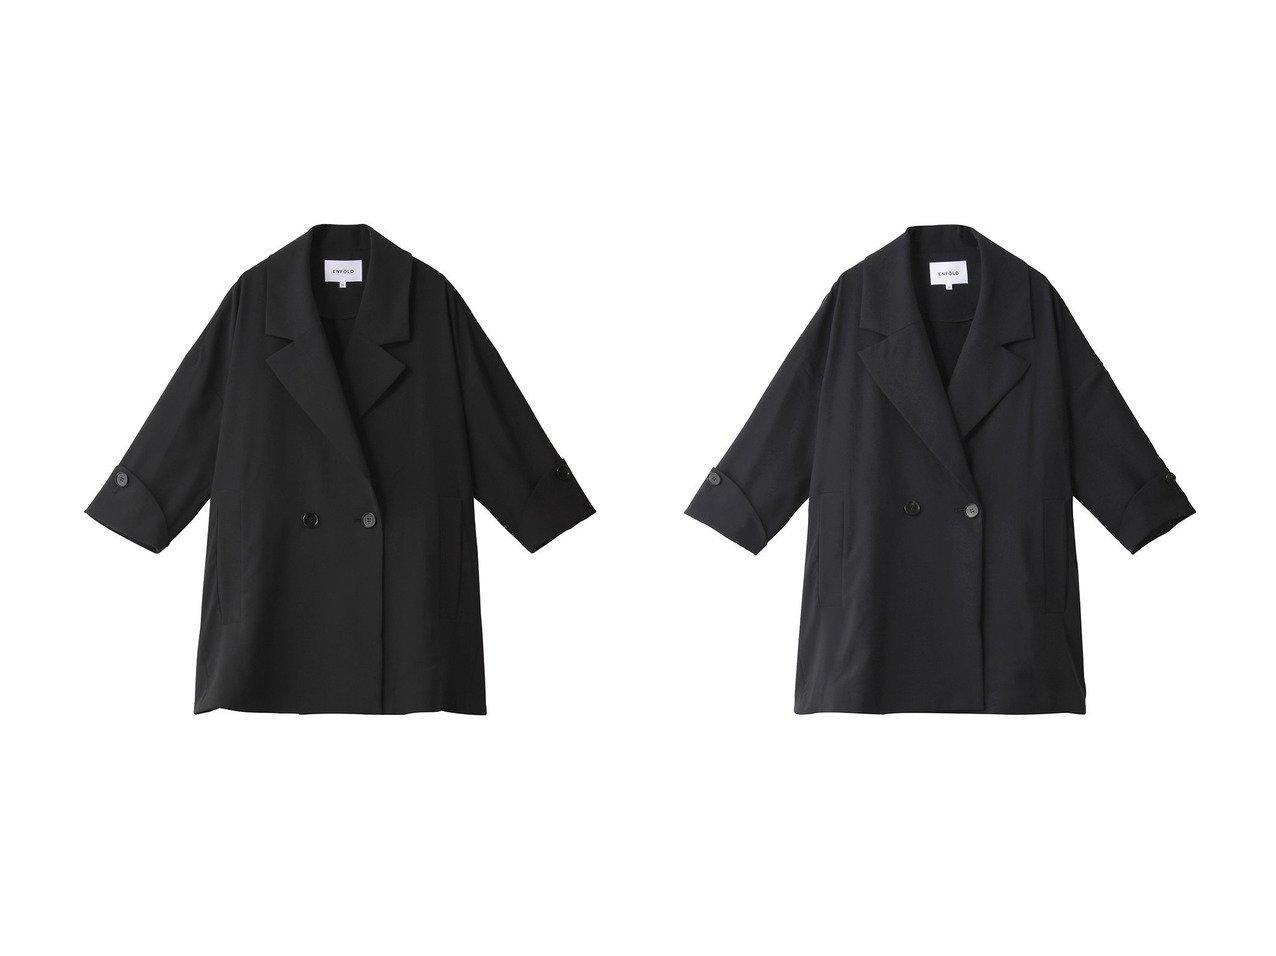 【ENFOLD/エンフォルド】のComfotable Twill ライトジャケット 【アウター】おすすめ!人気、トレンド・レディースファッションの通販 おすすめで人気の流行・トレンド、ファッションの通販商品 メンズファッション・キッズファッション・インテリア・家具・レディースファッション・服の通販 founy(ファニー) https://founy.com/ ファッション Fashion レディースファッション WOMEN アウター Coat Outerwear ジャケット Jackets おすすめ Recommend カフス ジャケット トレンド フリル フロント ワイド 再入荷 Restock/Back in Stock/Re Arrival |ID:crp329100000039555